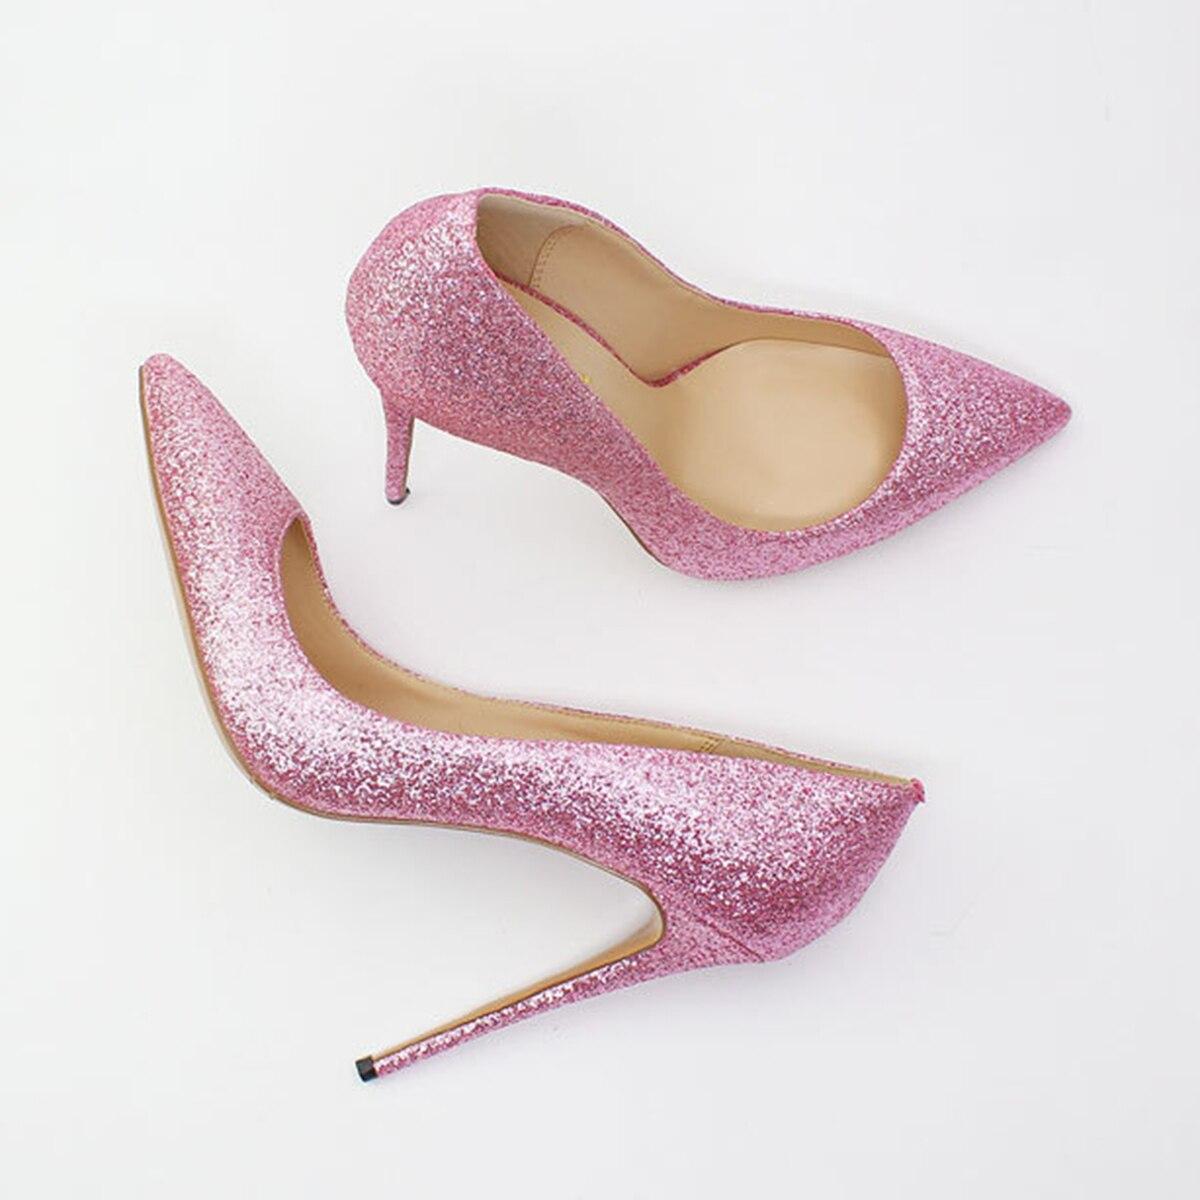 Tacón Alto Fiesta Plata Otoño Bombas pink Black Primavera Zapatos Rosa Negro De Punta Aiyoway Mujeres silver Puntiaguda Brillo 2019 Clubwear 67n0q7SvY